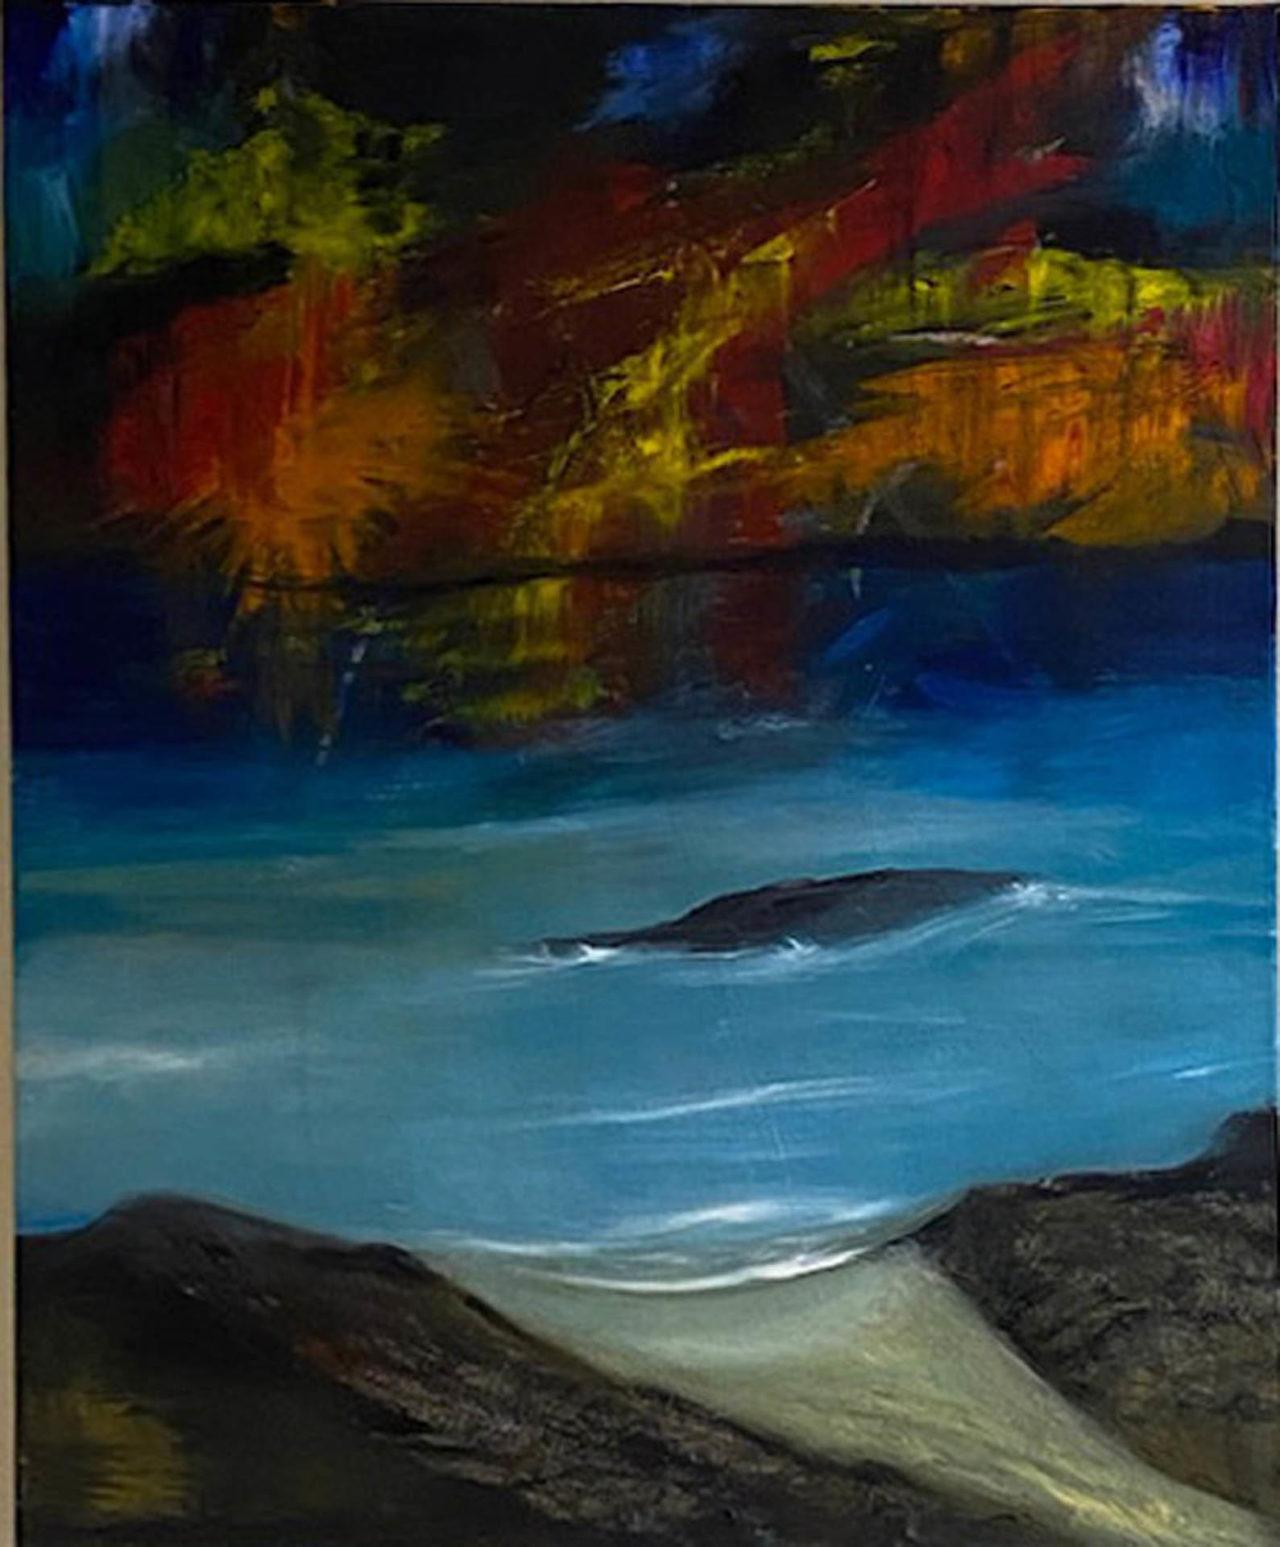 River Run - Sandra Lee Garland